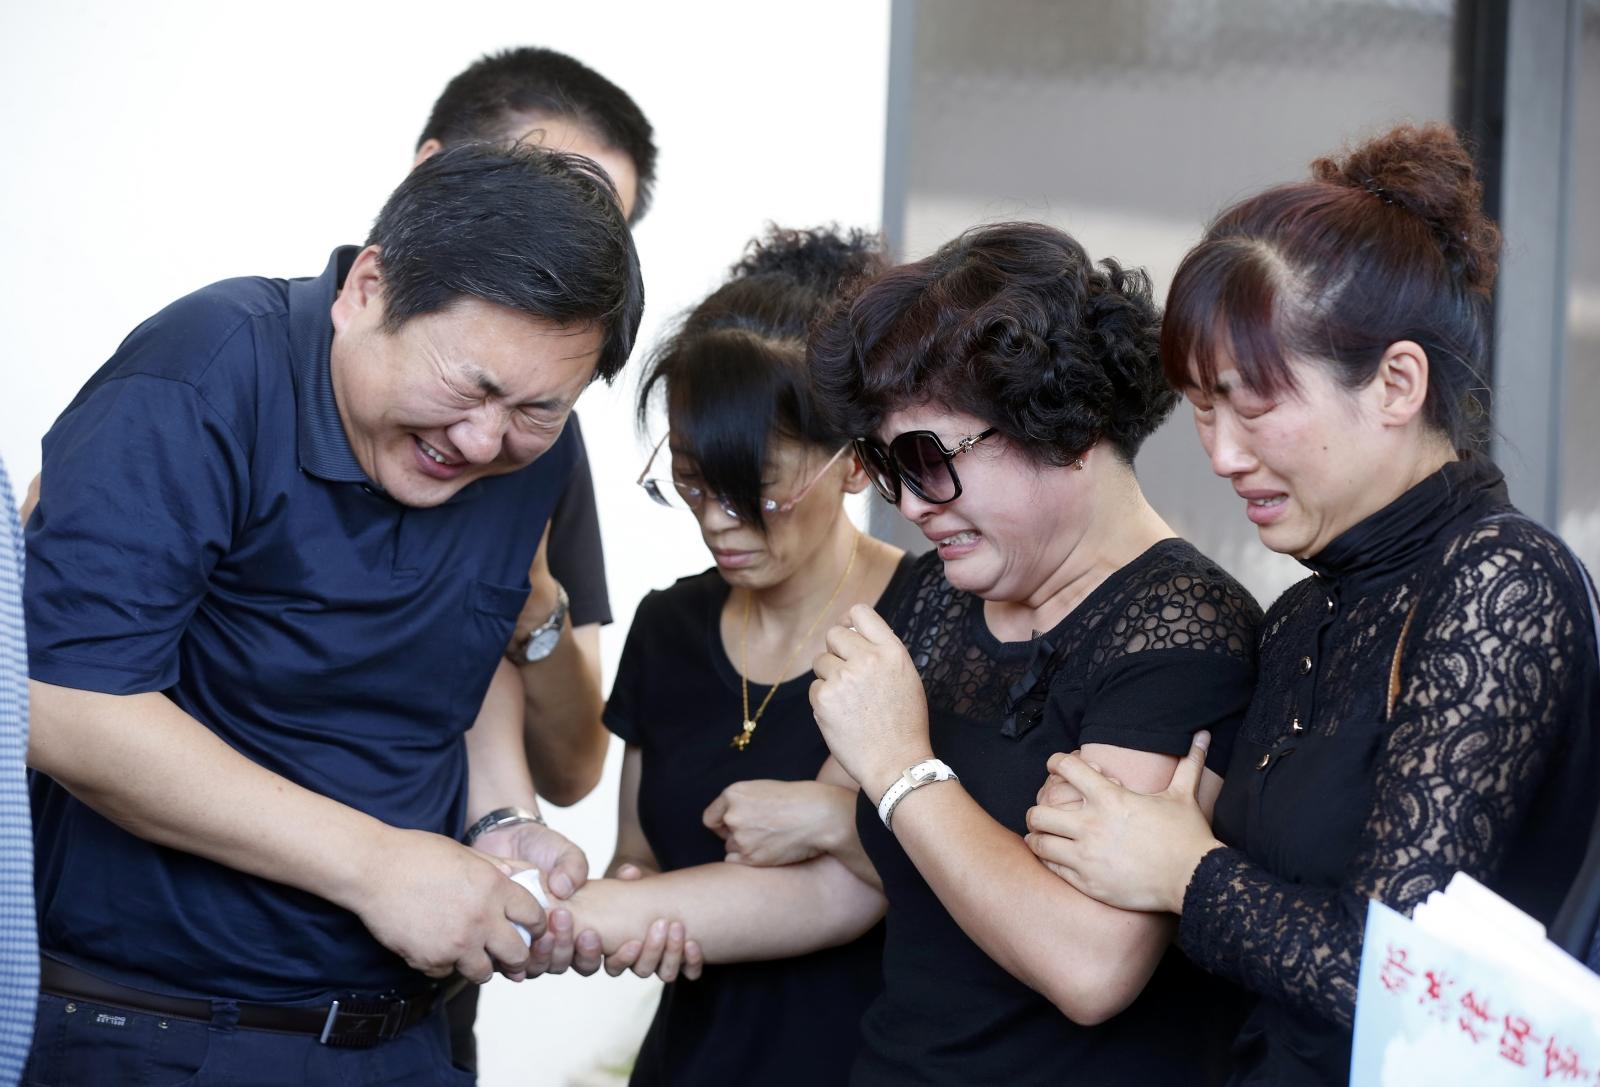 Xinran Ji USC graduate